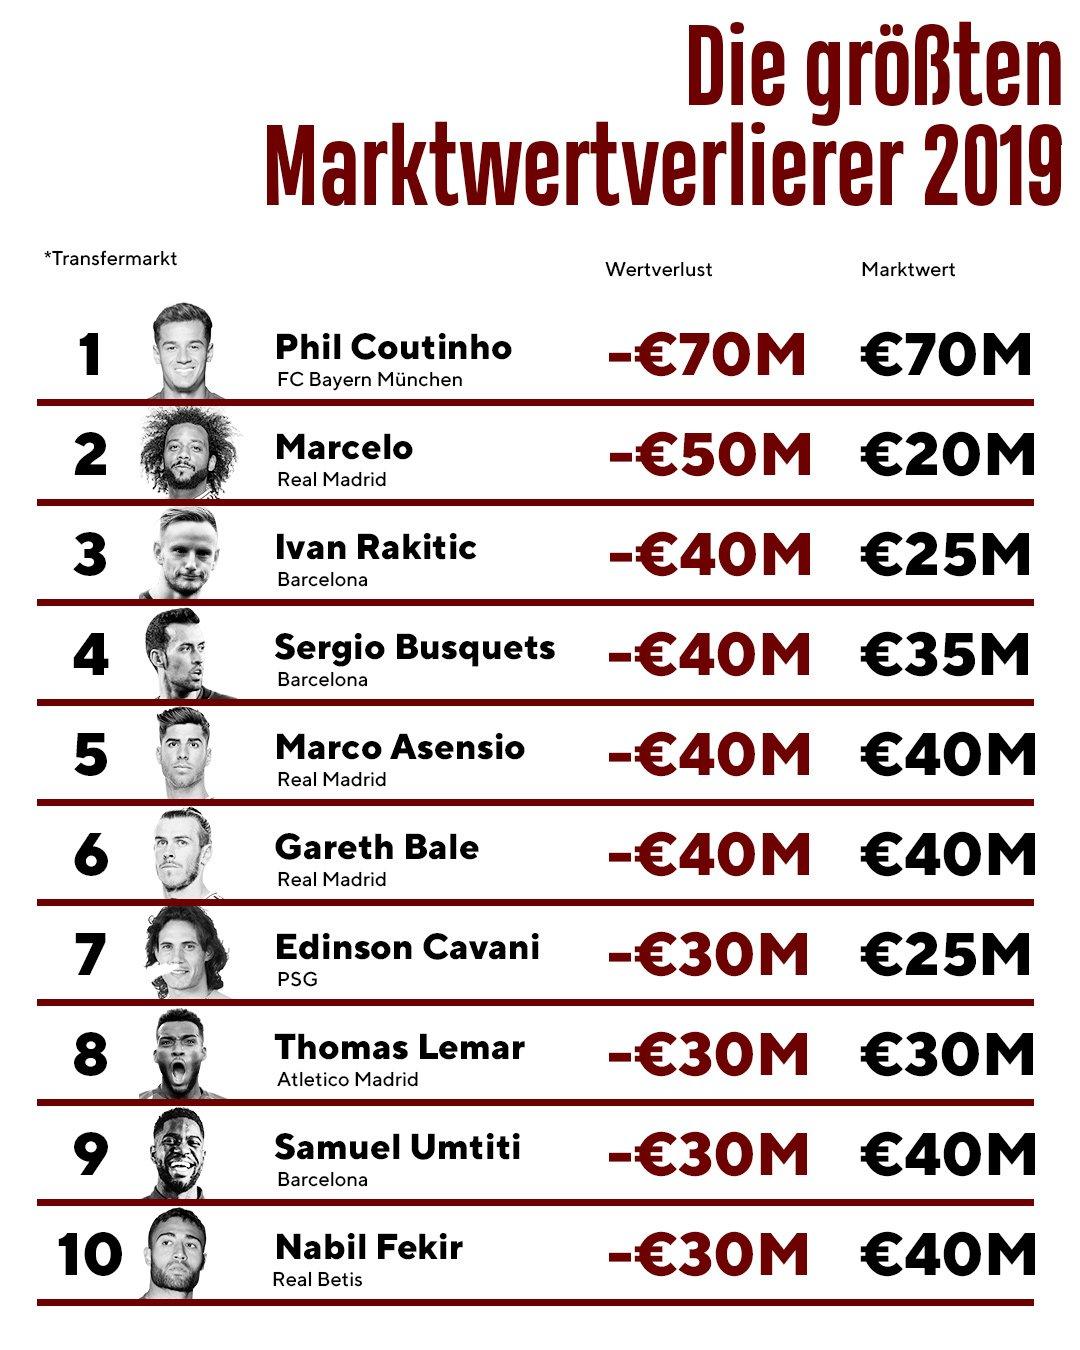 Die größten Marktwert-Verlierer: Die Top 10 in der Übersicht